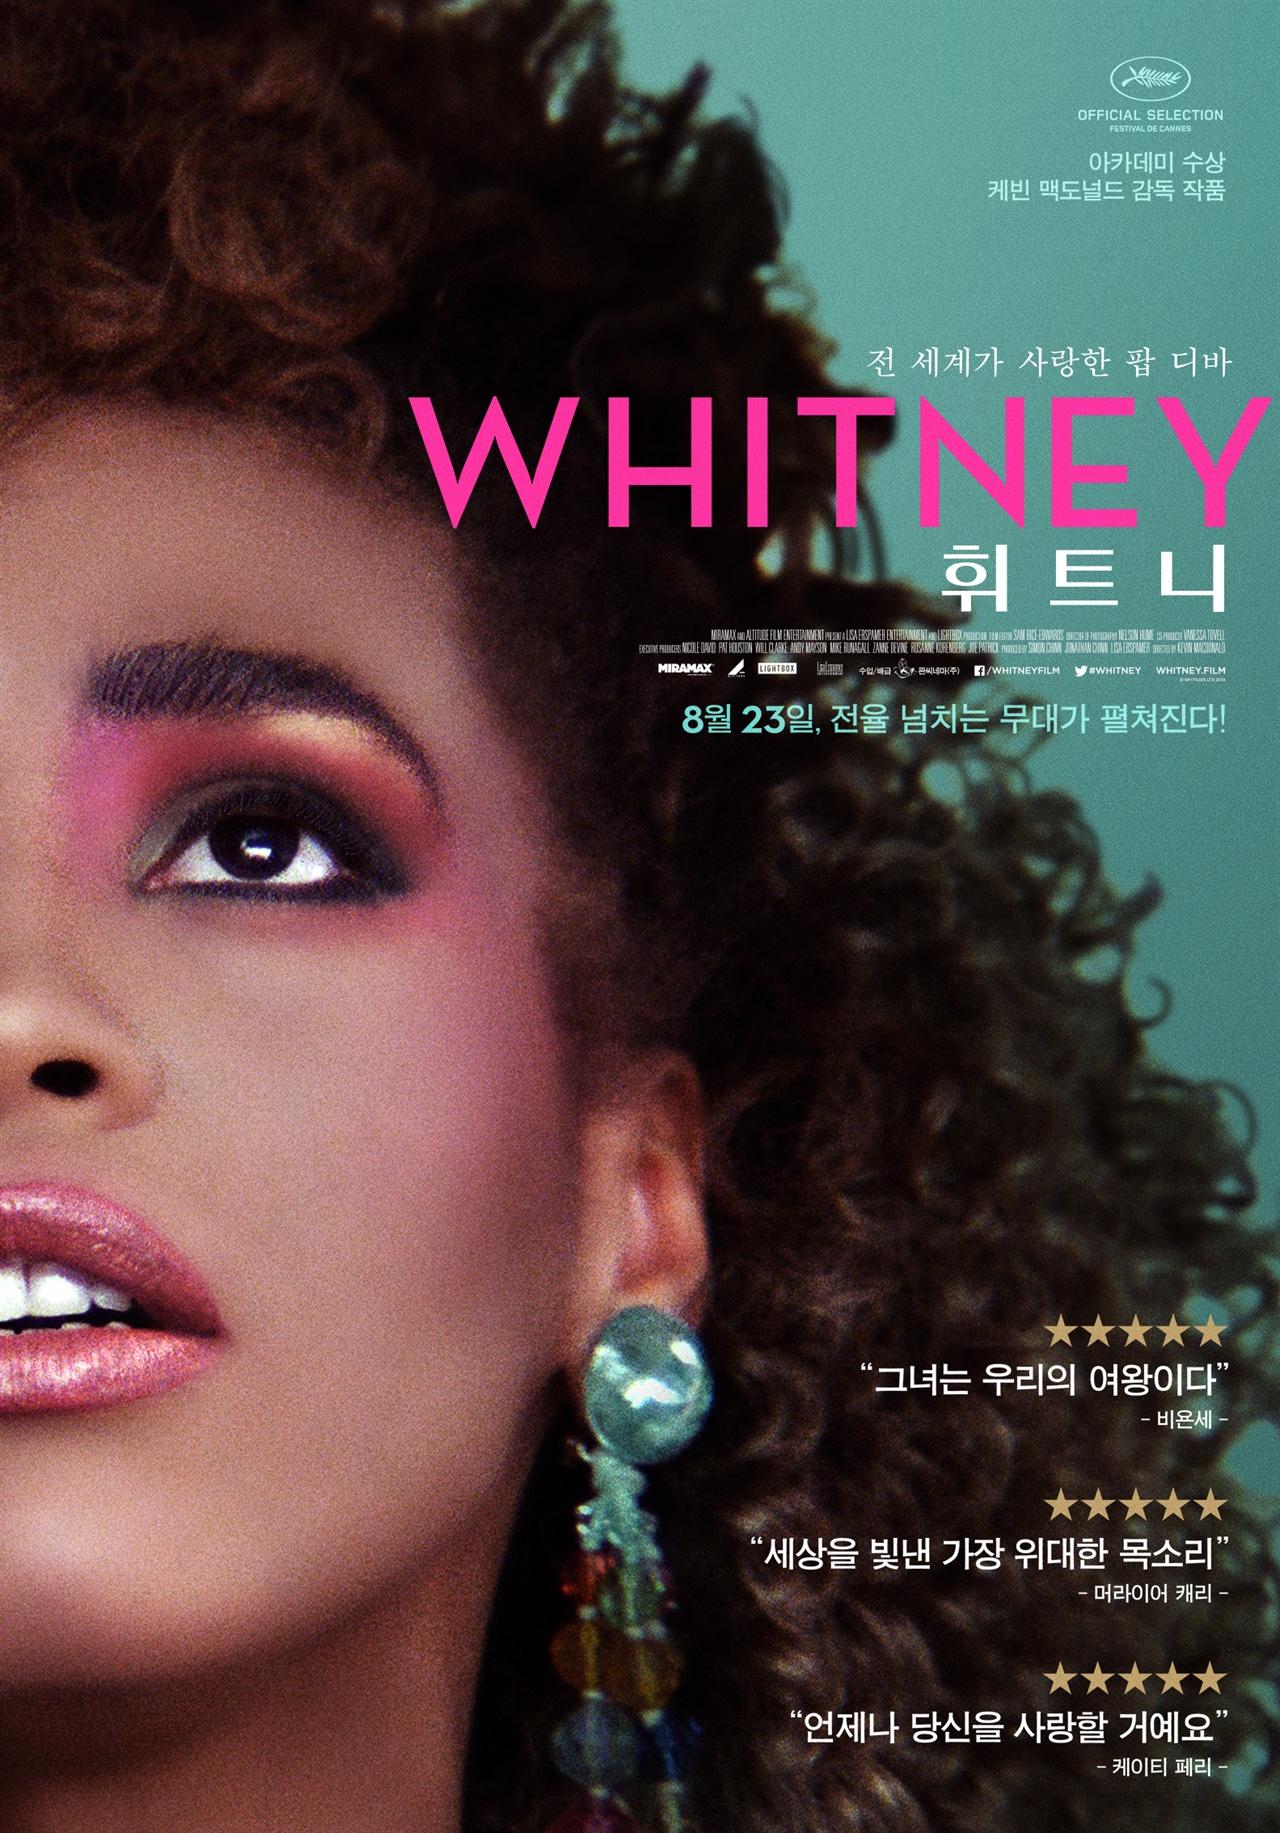 <휘트니>는 휘트니 휴스턴이 가장 아름답게 빛났던 시절, 그리고 무대 뒤에서 고통받았던 순간들을 가감없이 기록한 작품이다.